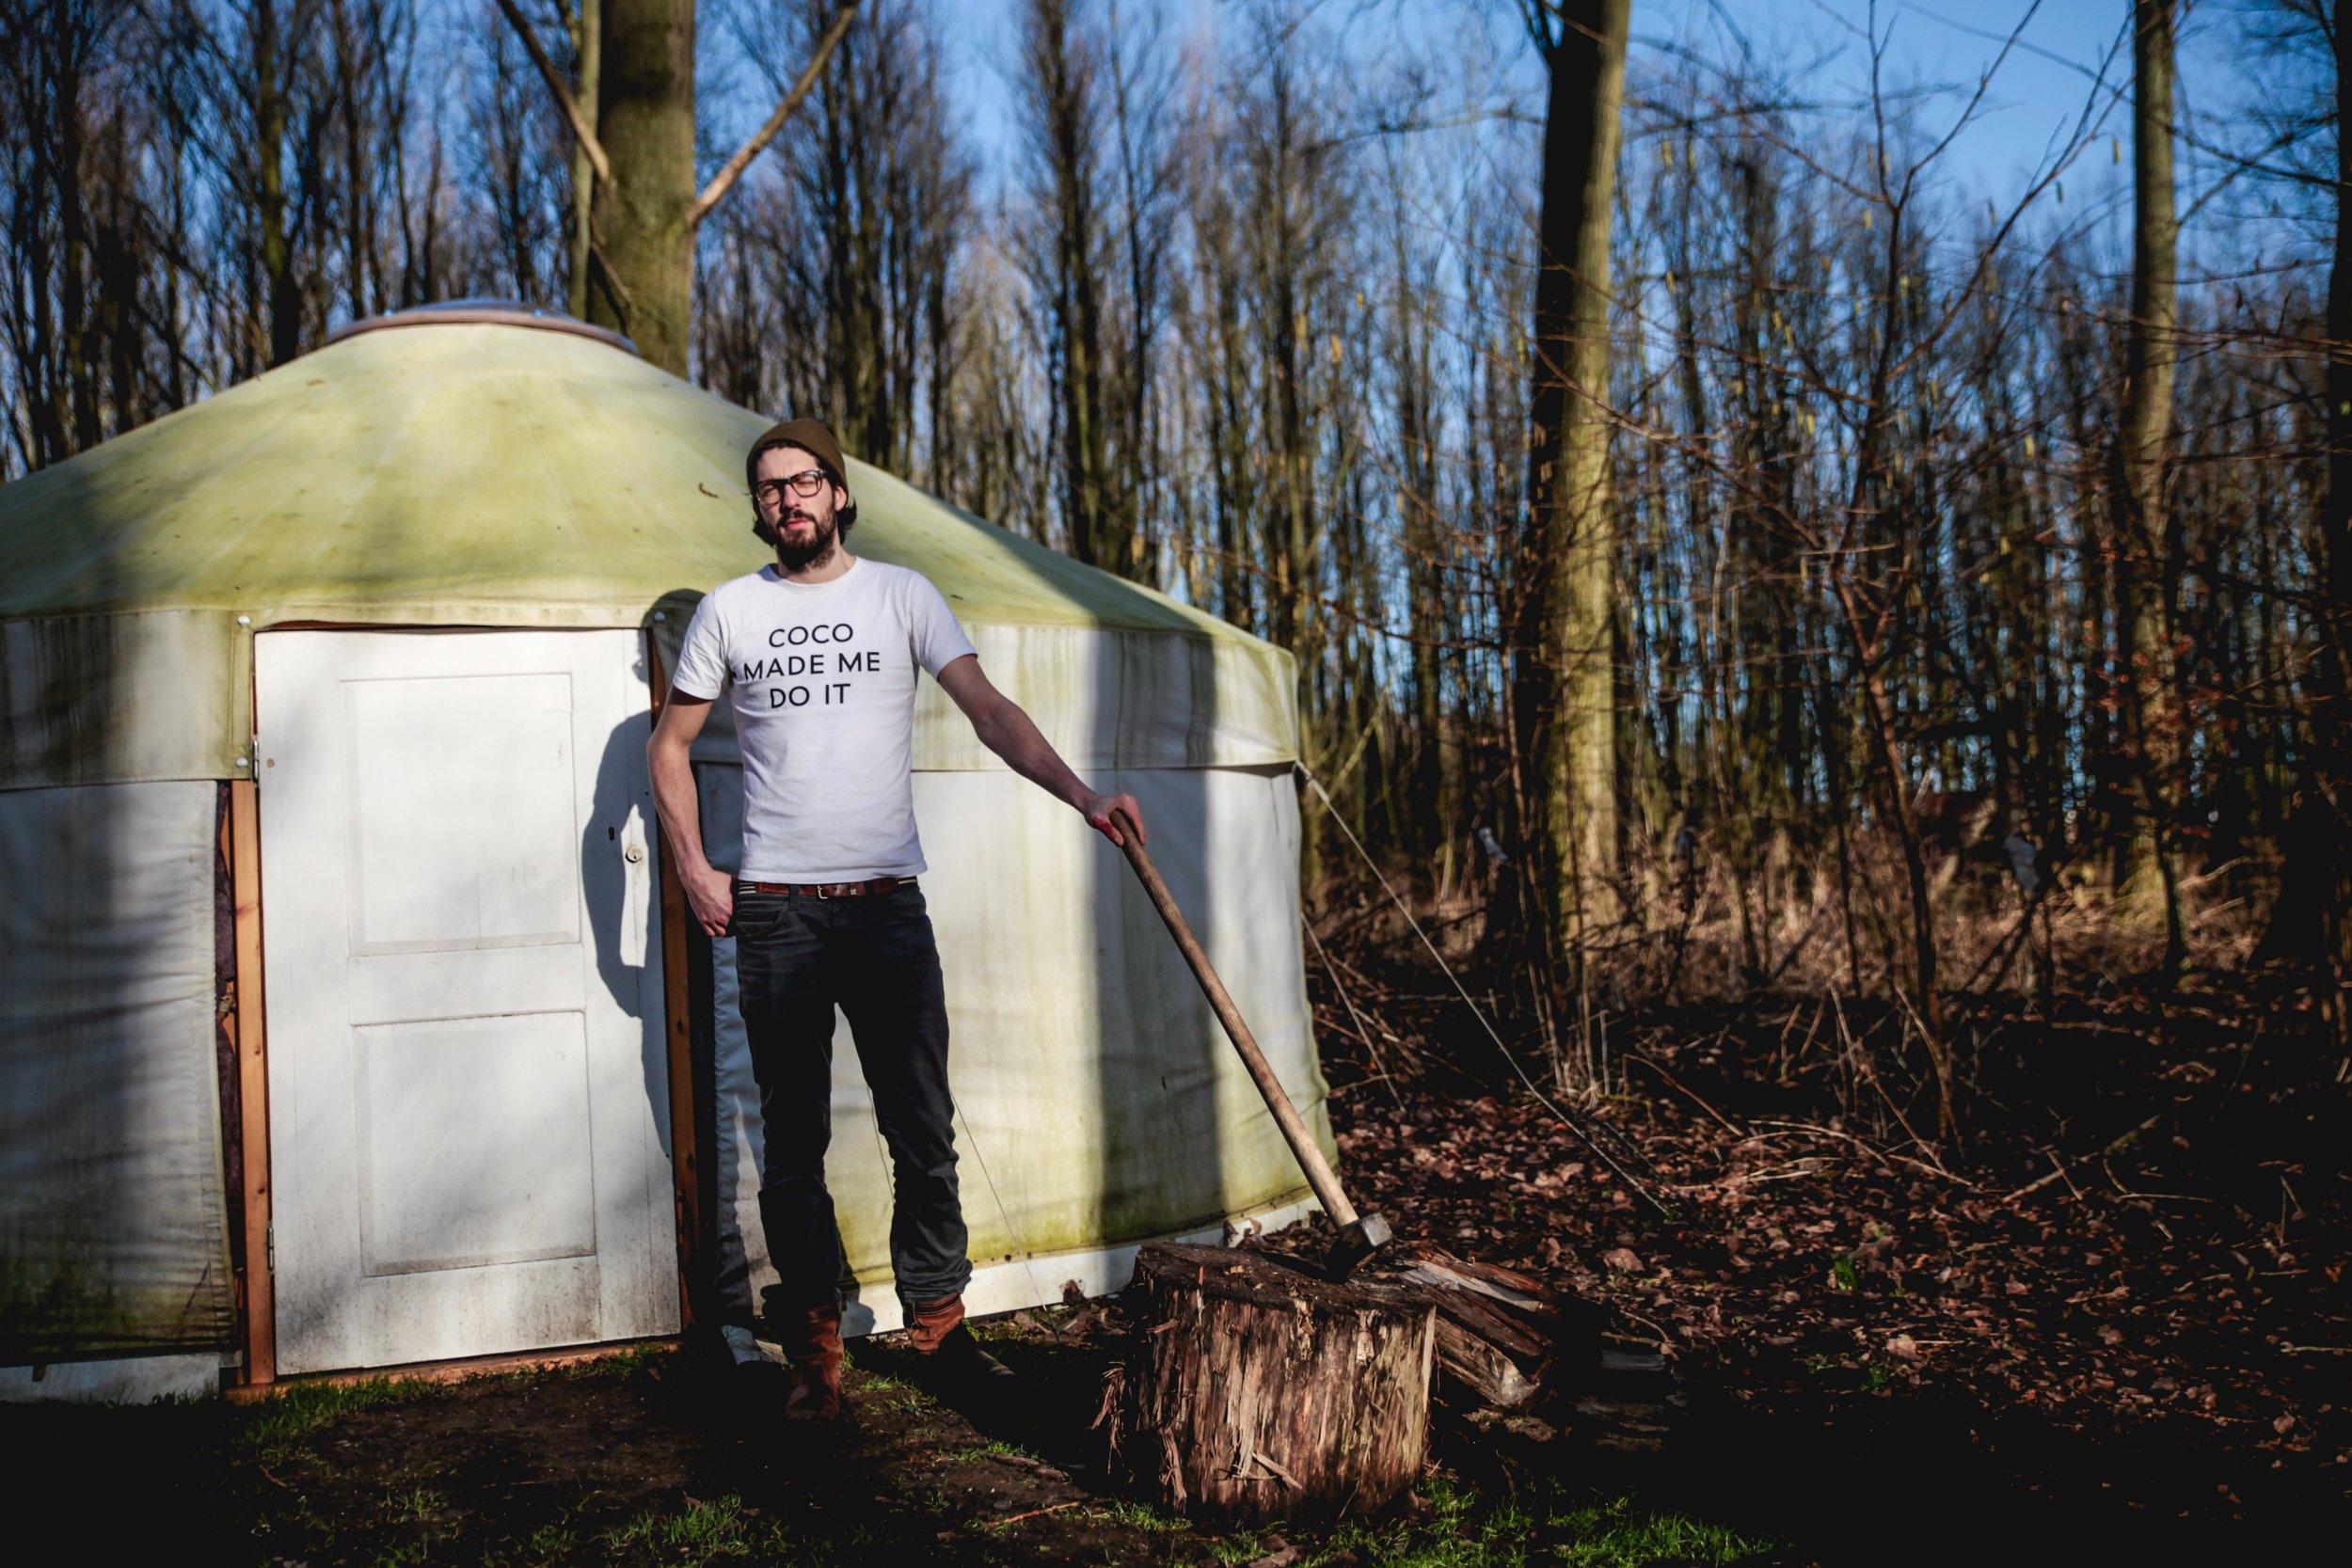 Yurts till it Hurts - Short documentary // 2016